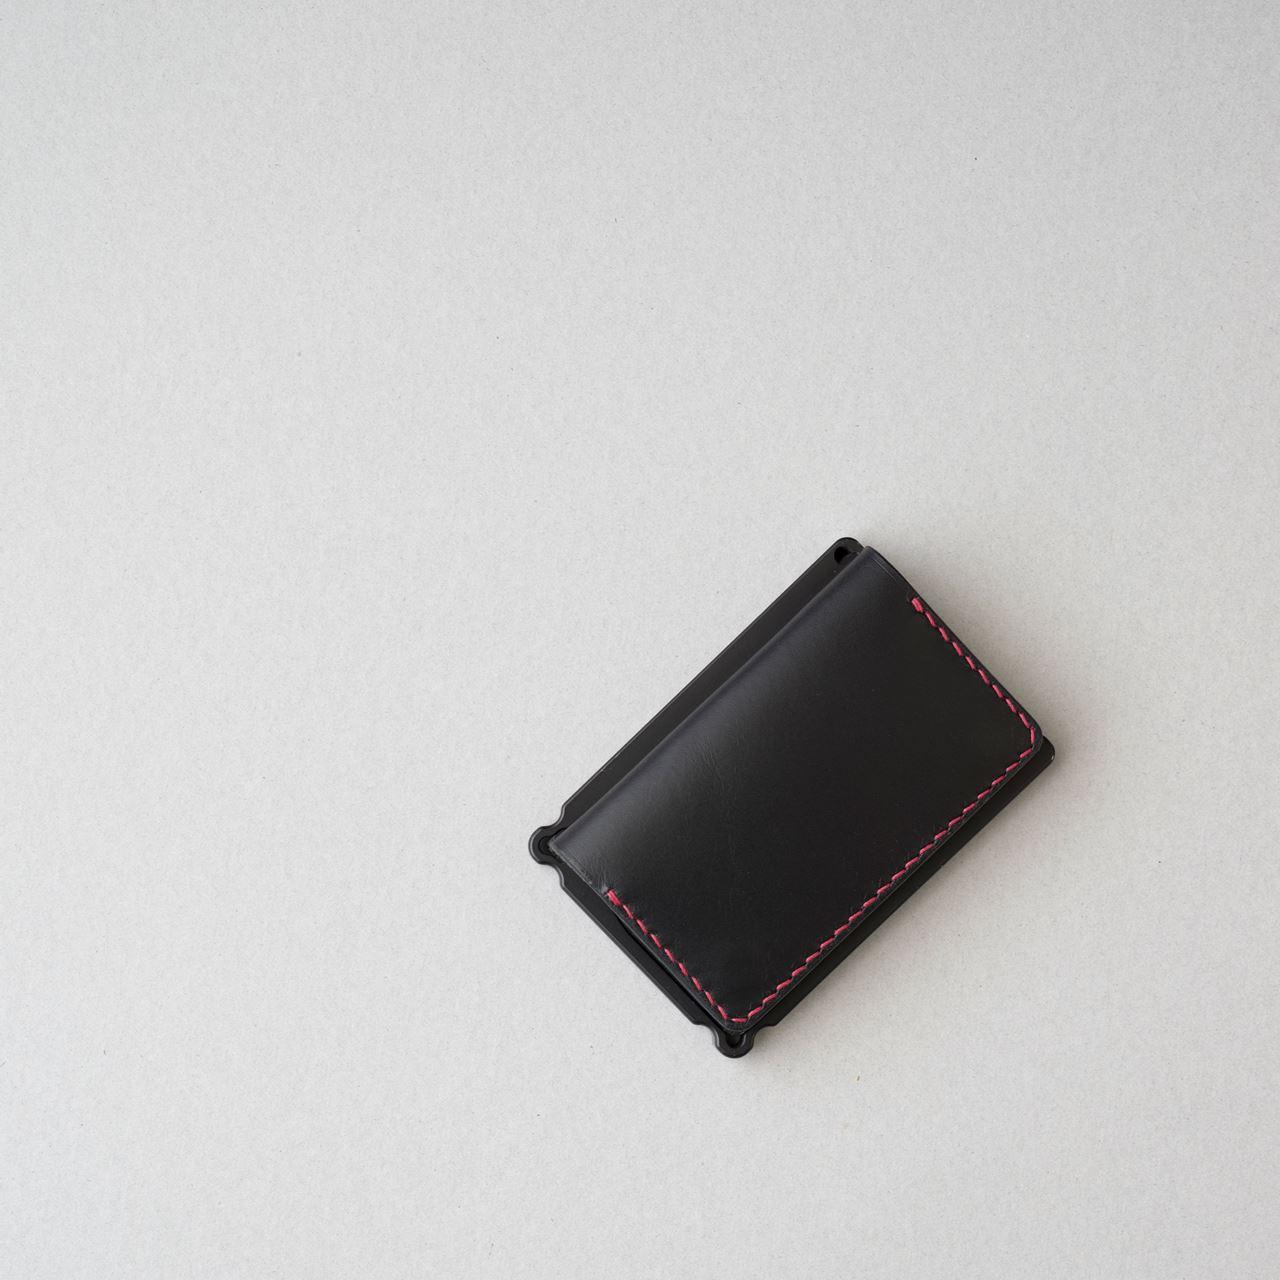 黒革赤ステッチのミニマリスト財布1型をつくる